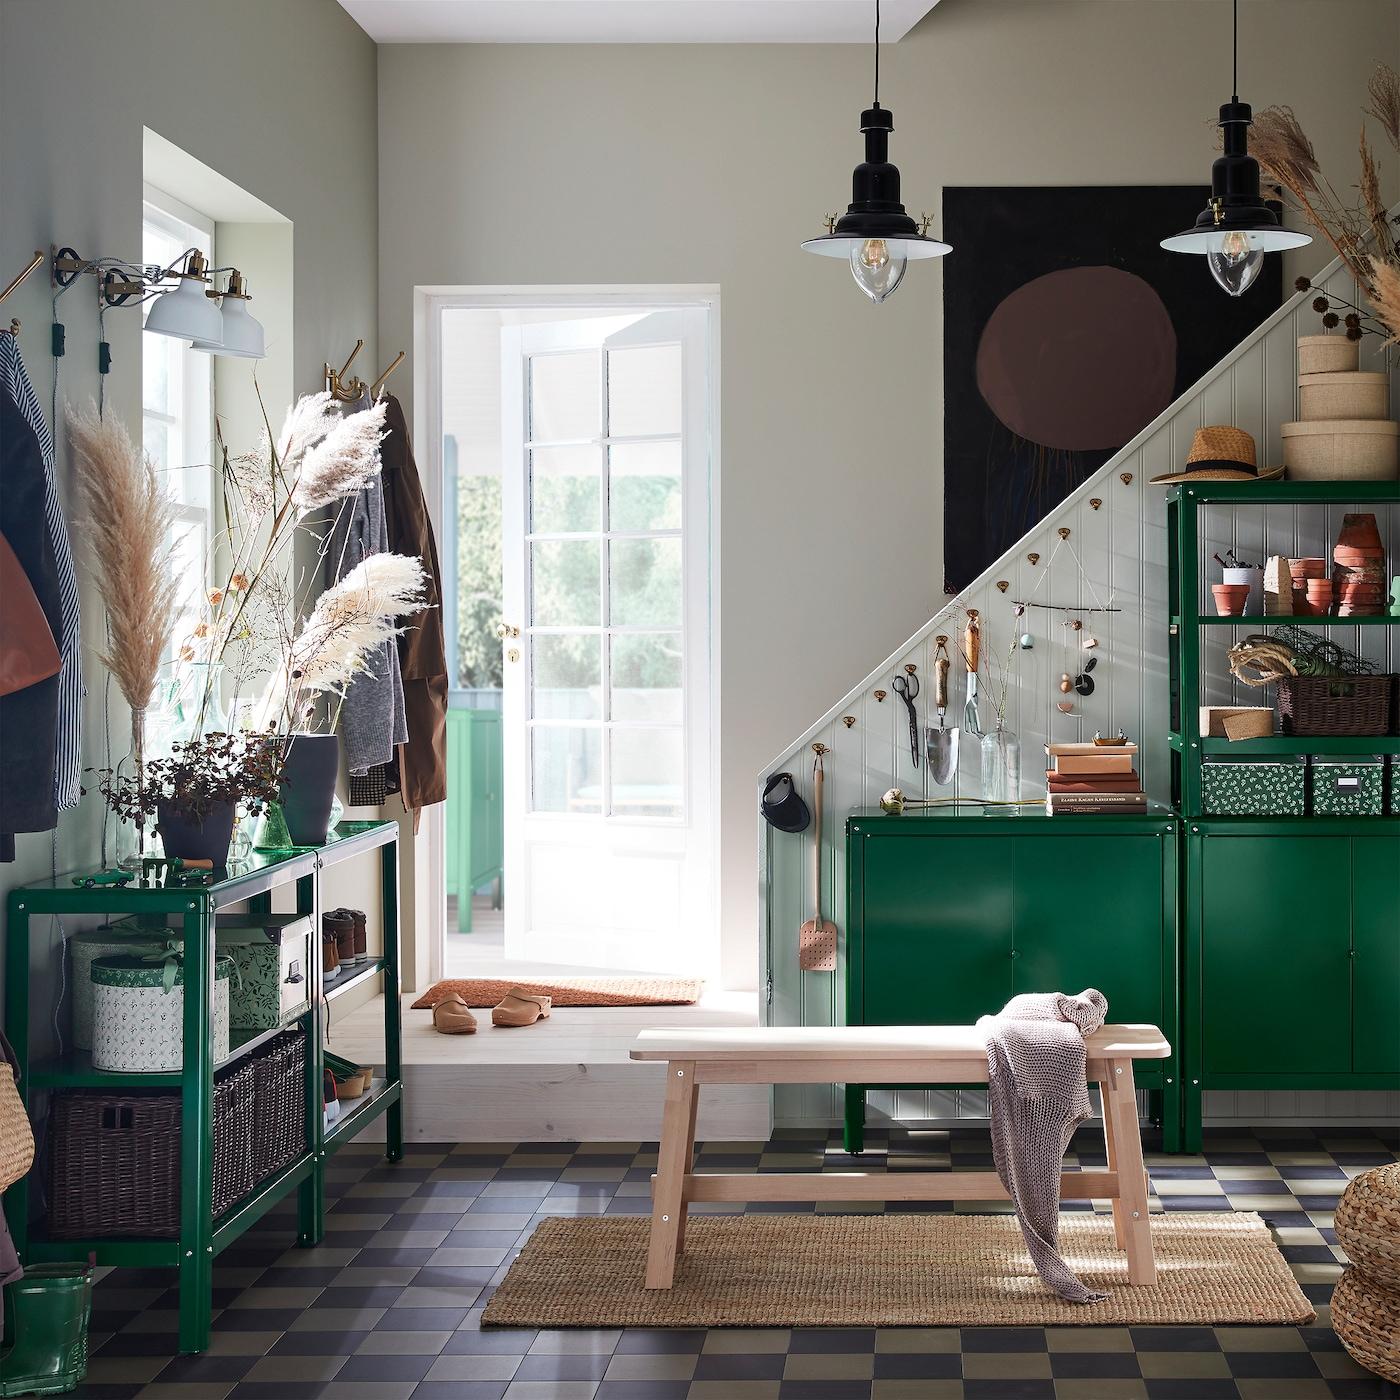 门厅配有绿色 KOLBJÖRN 科比约恩 搁架单元和柜子、桦木长凳、黄麻毯和两盏黑色吊灯。